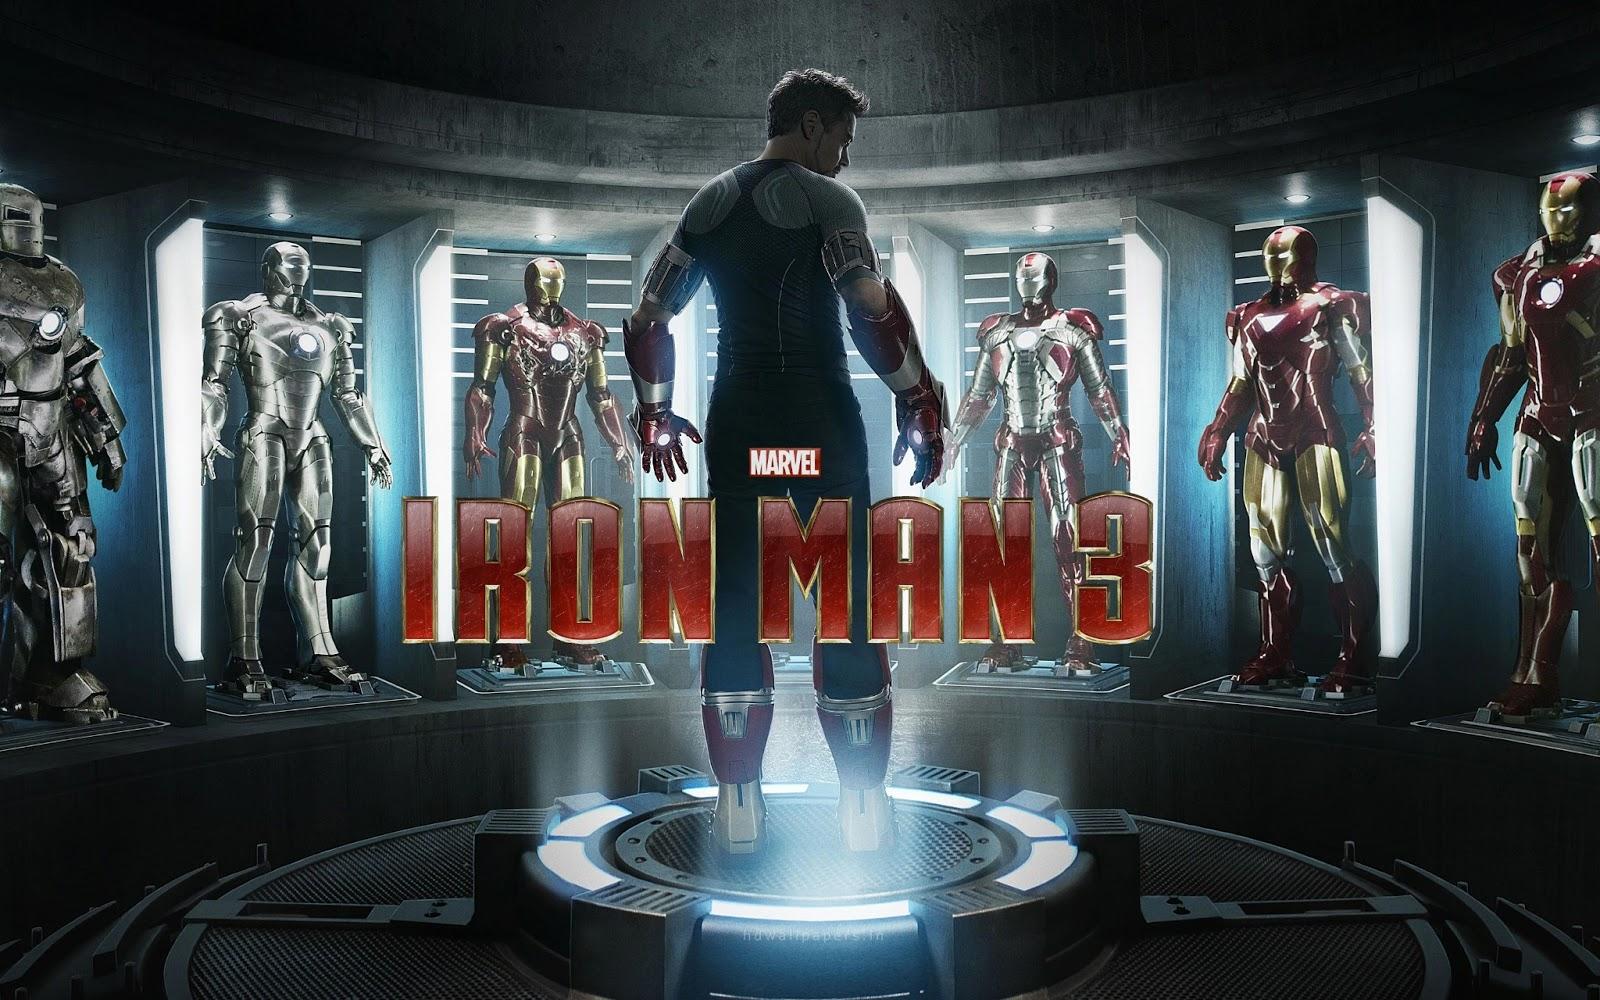 http://2.bp.blogspot.com/-msp4orDGal0/USUWqu1lzvI/AAAAAAAABmI/T3lvVk_4vWw/s1600/iron_man_3_official-wide.jpg